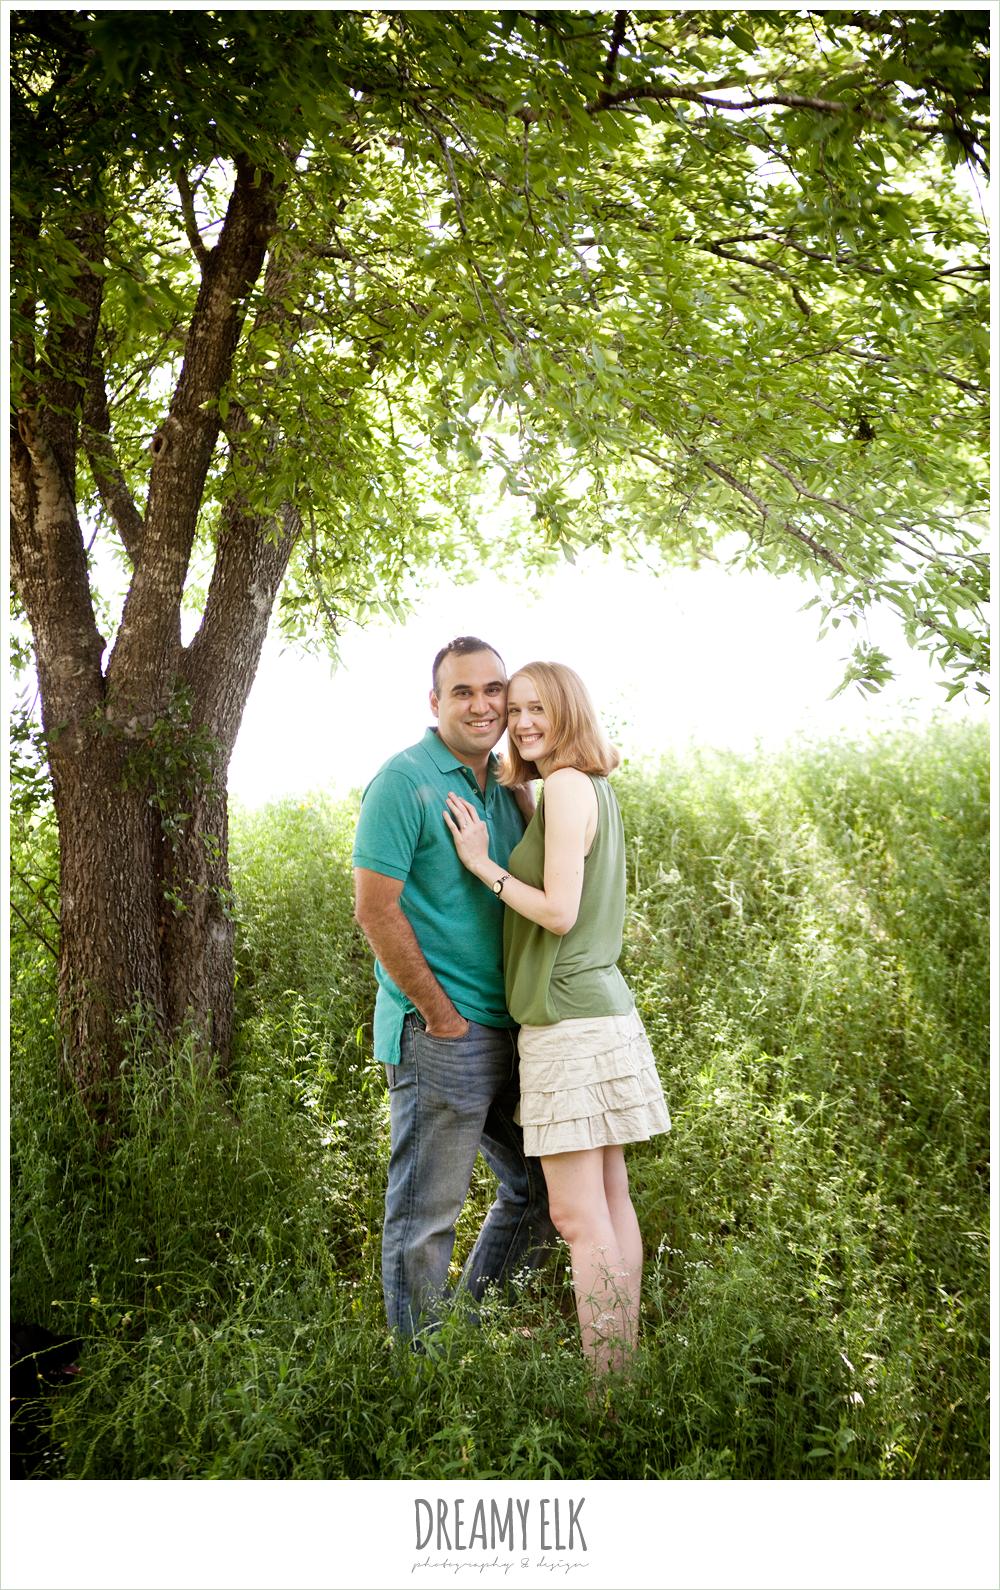 1 mallory and esteban engagements, walnut creek park, austin, texas